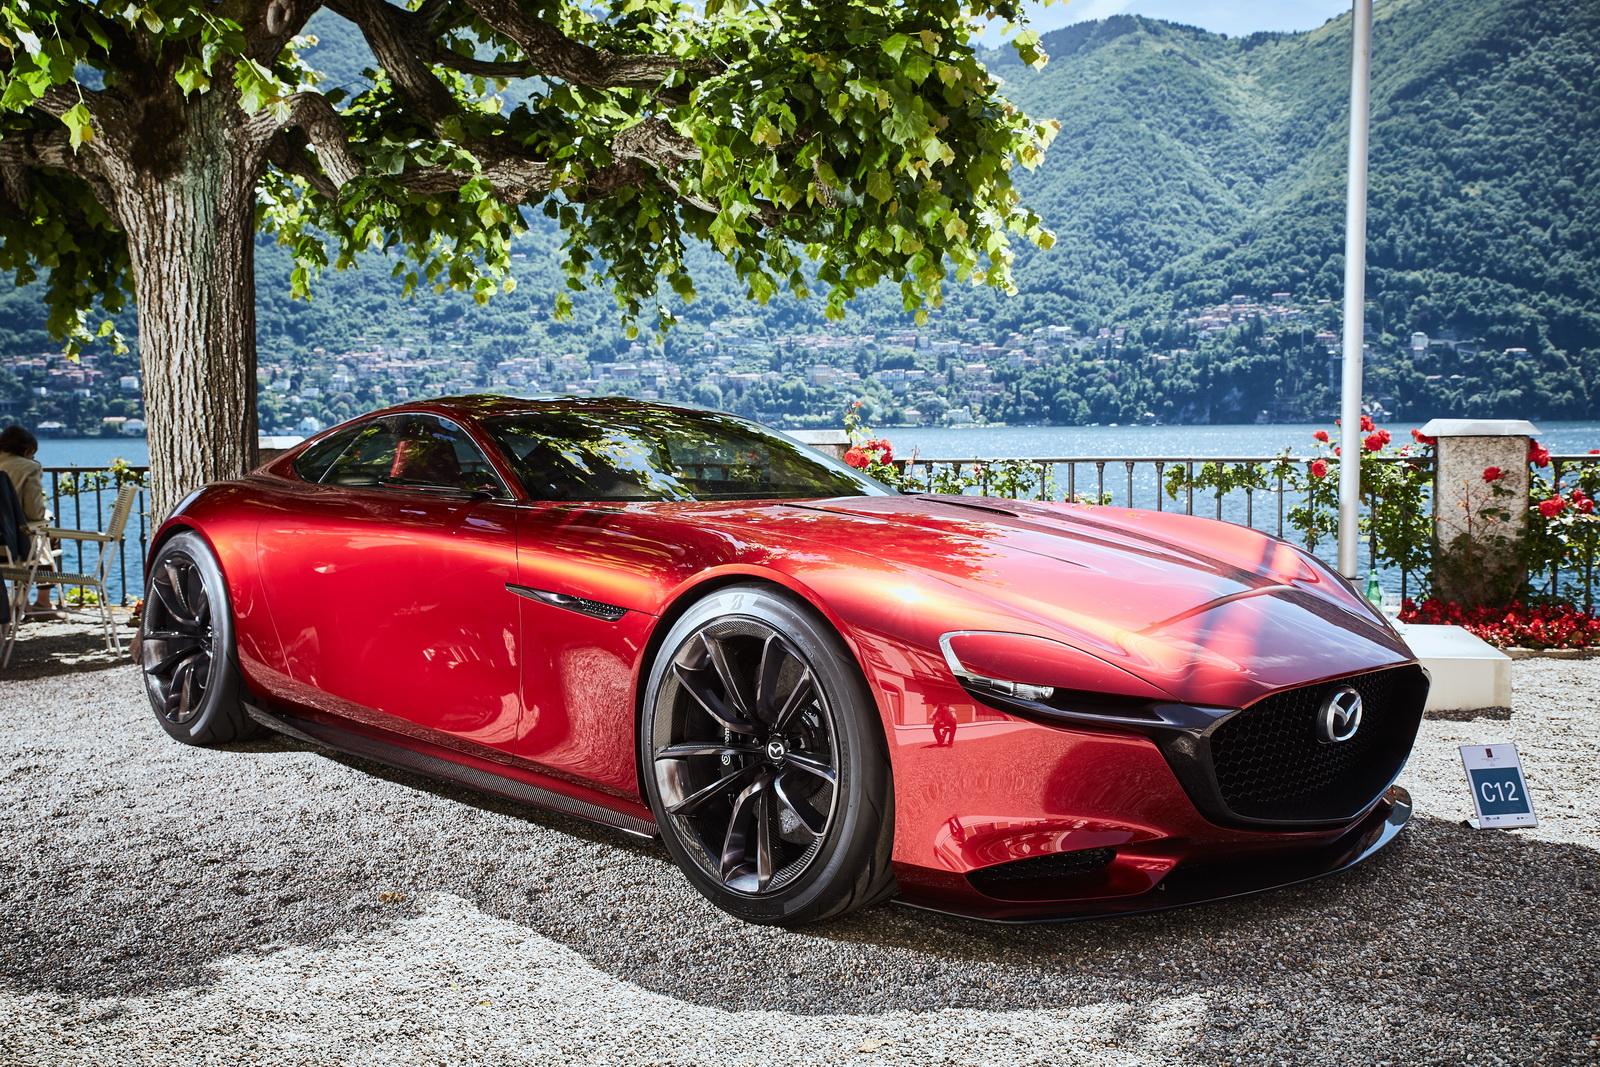 Với chiếc Mazda RX Vision này, trình độ thiết kế của Mazda đang tiệm cận sự thượng thừa, quá đẹp